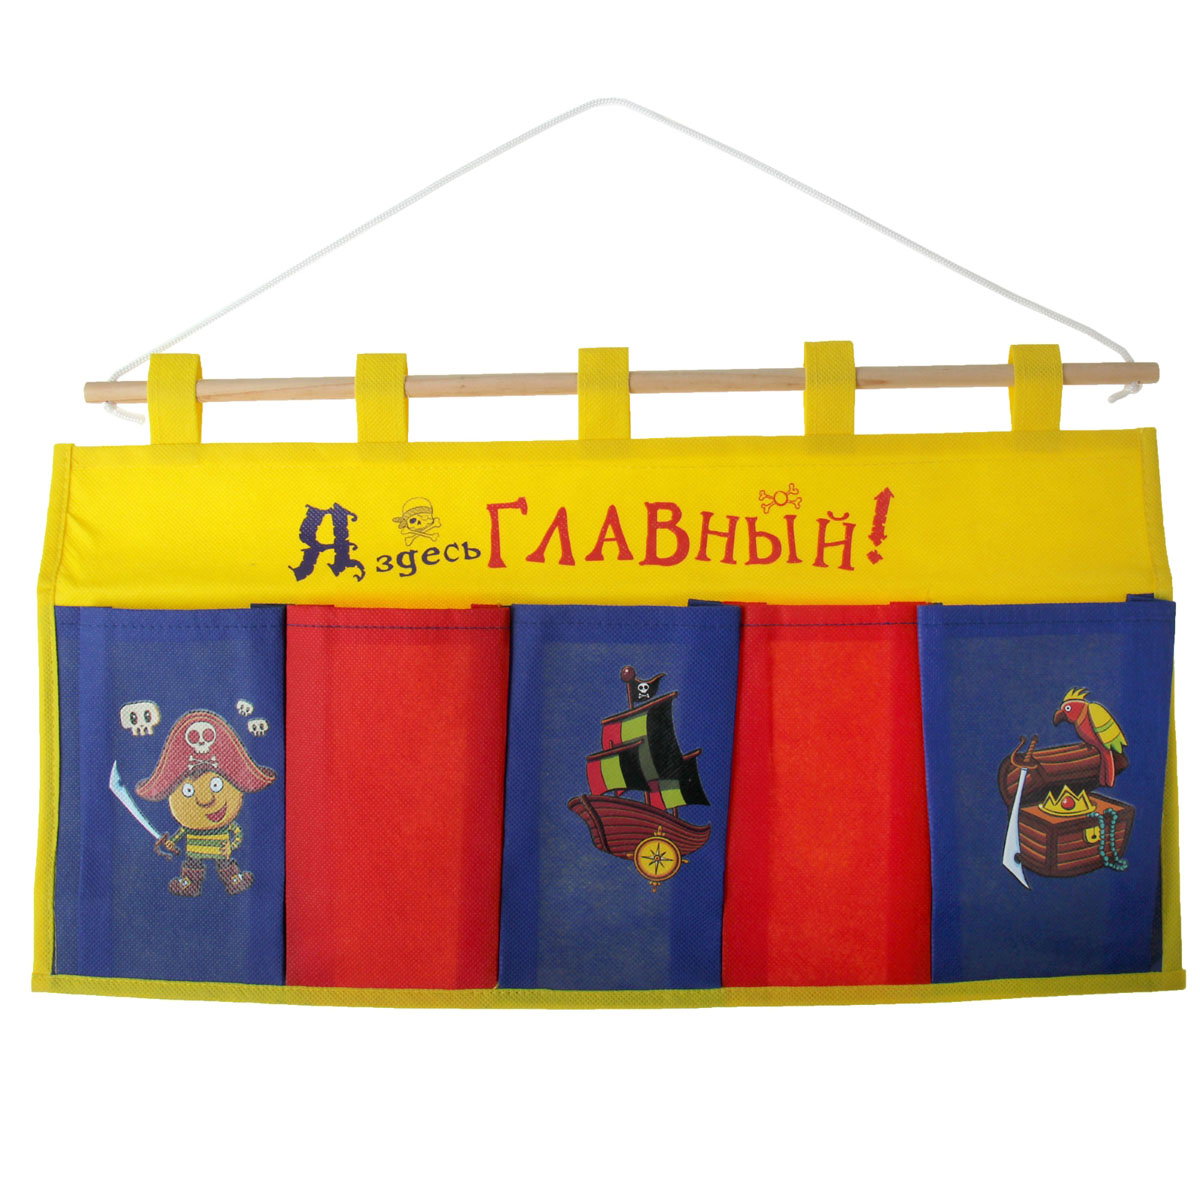 Кармашки на стену Sima-land Я здесь главный, цвет: синий, красный, желтый, 5 шт кармашки на стену для бани sima land банные мелочи цвет белый 3 шт